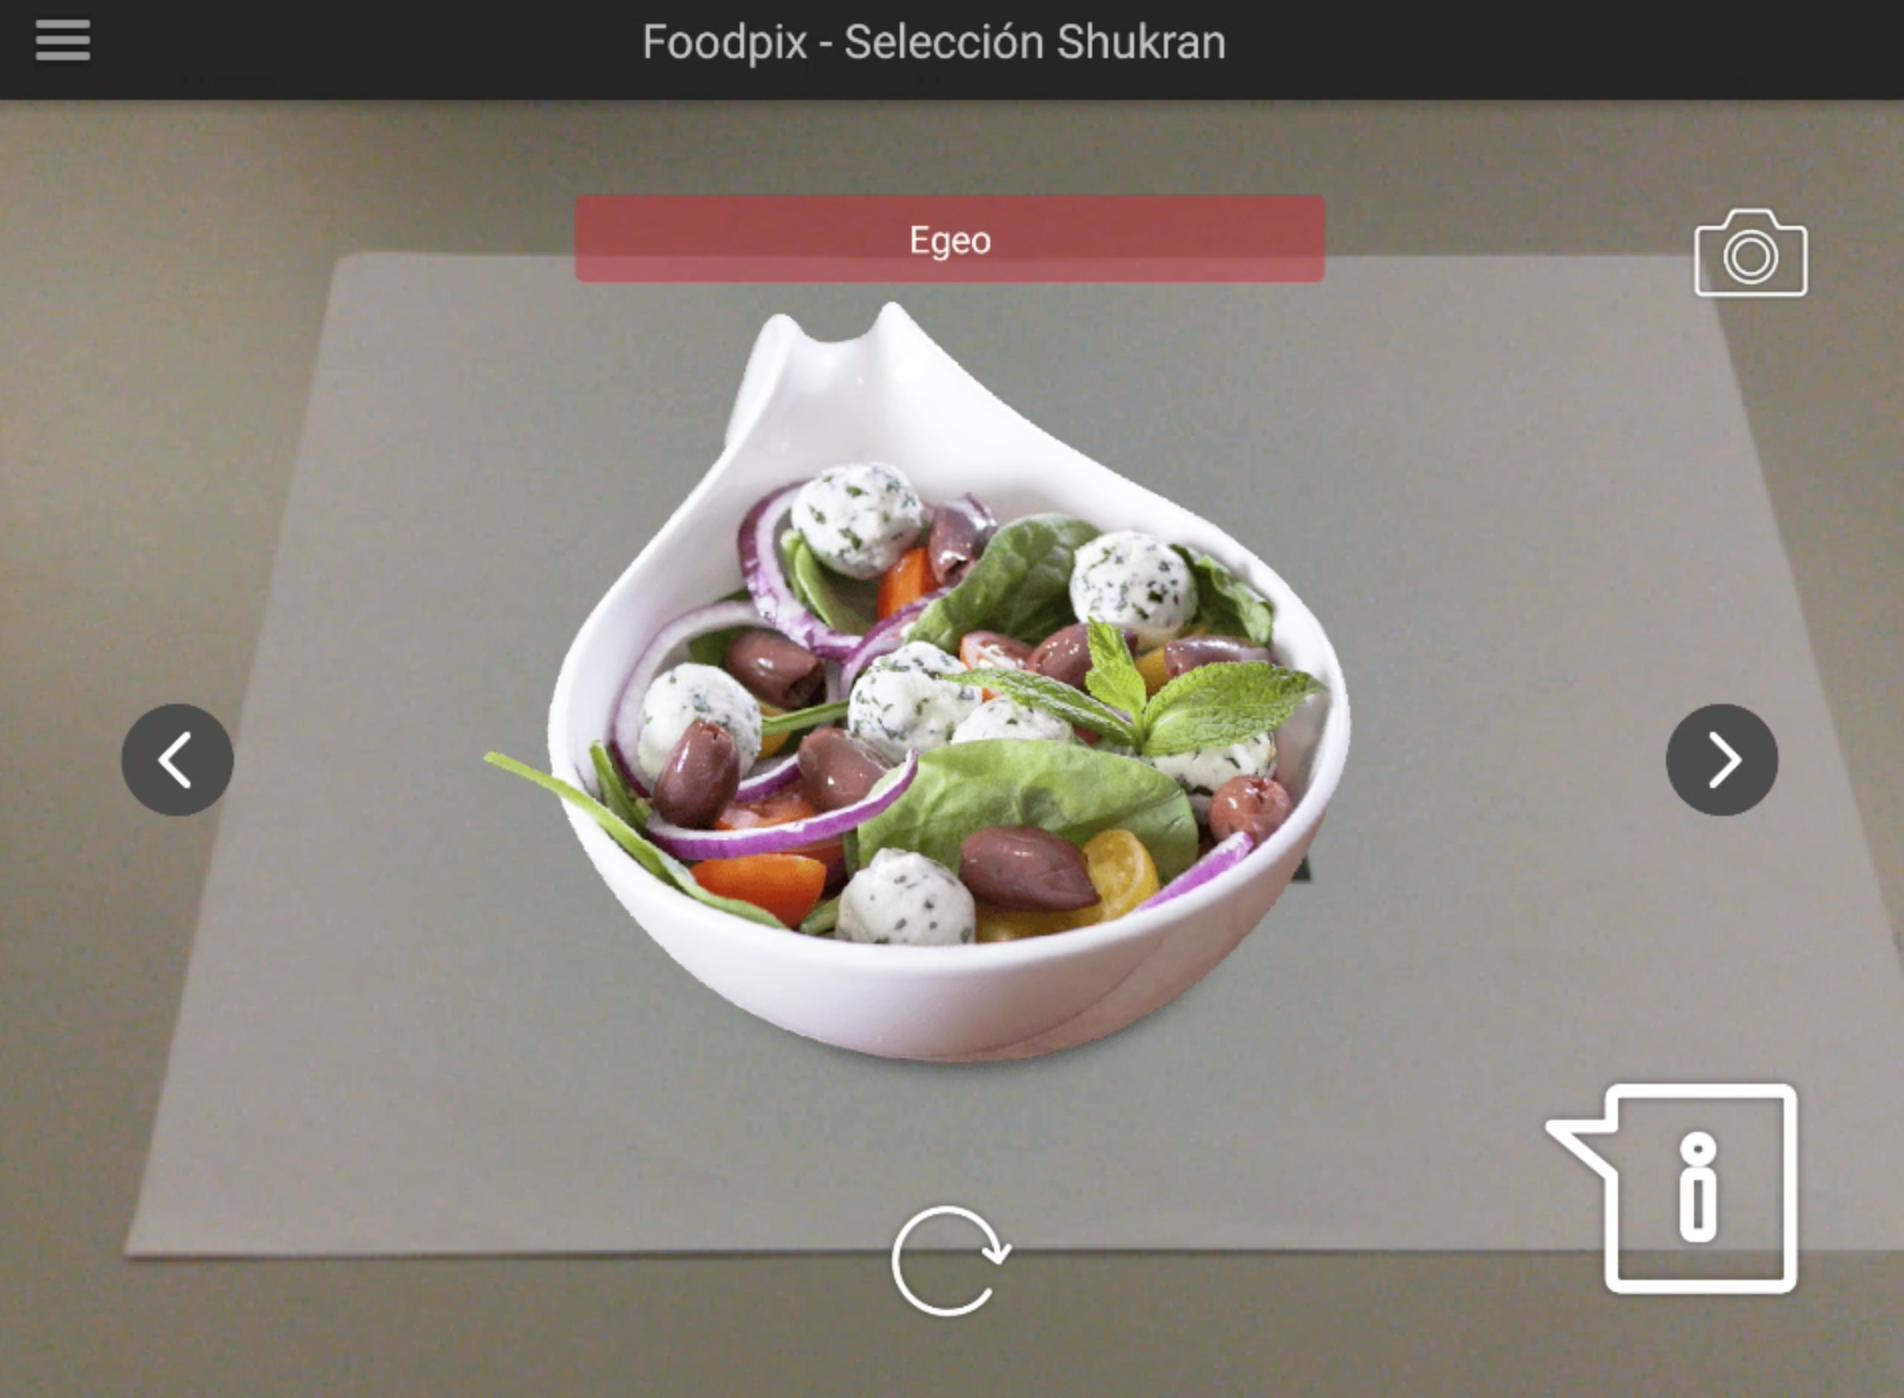 AR based food menu